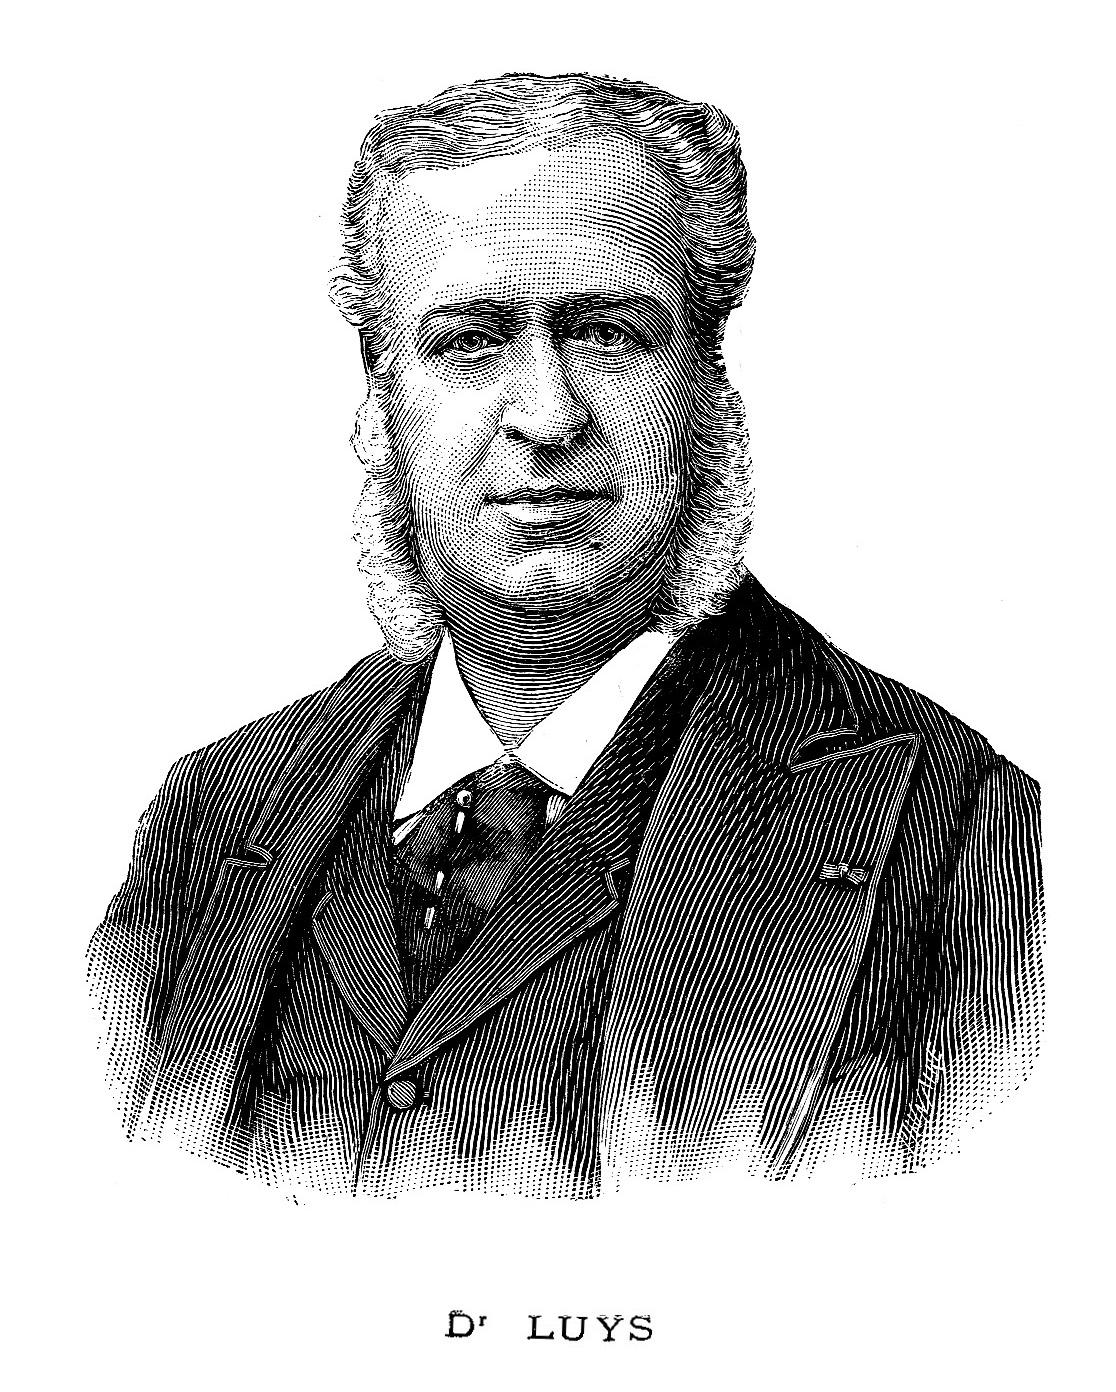 Dr. Luys em gravura no ano de sua morte: 1897.